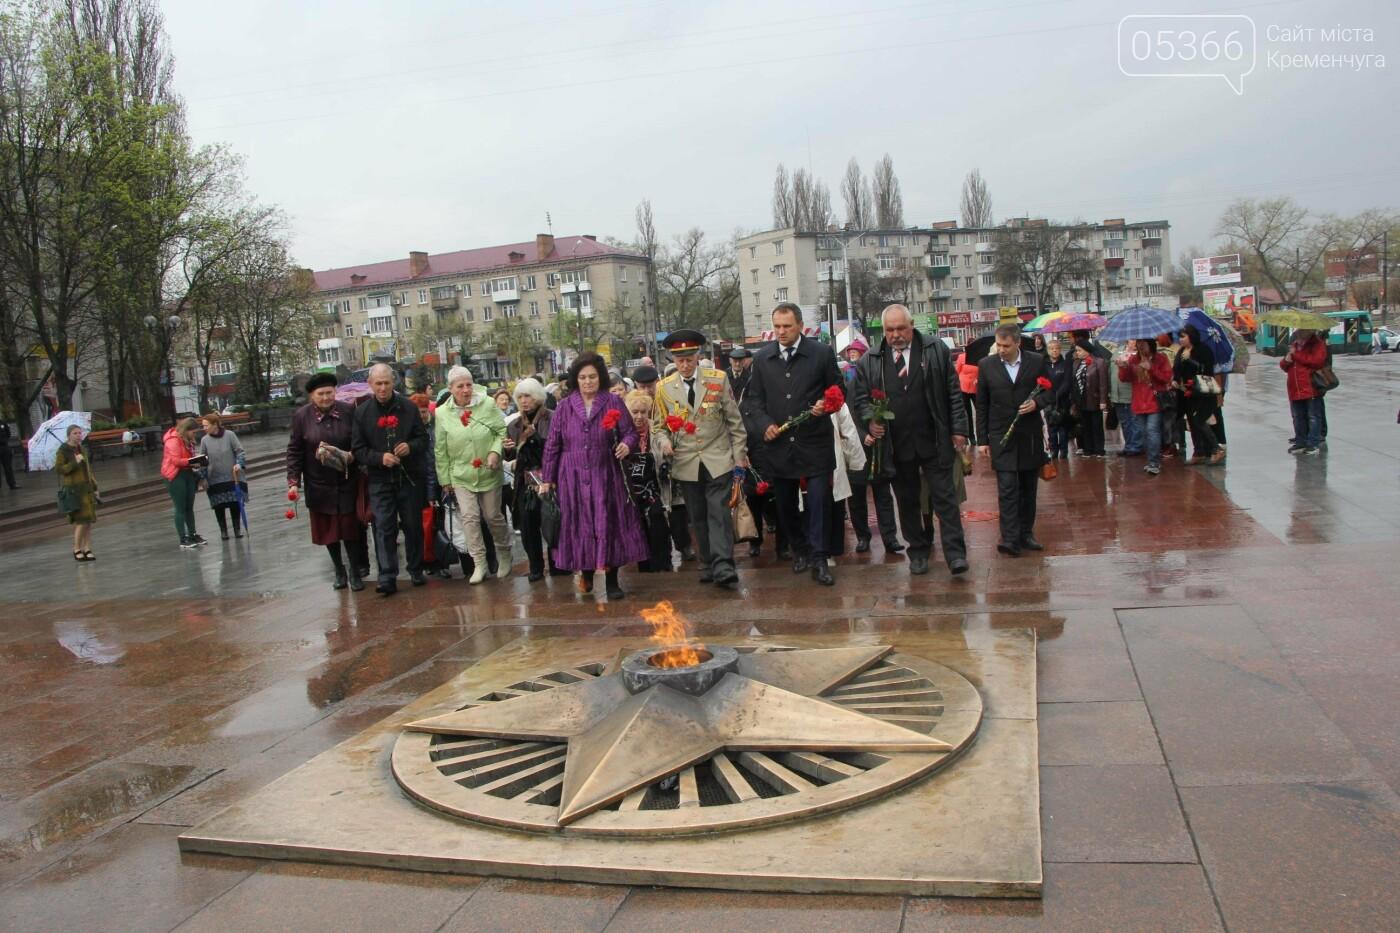 Близько 100 тисяч людей було закатовано у фашистських канцтаборах, розташованих у Кременчуці, фото-1